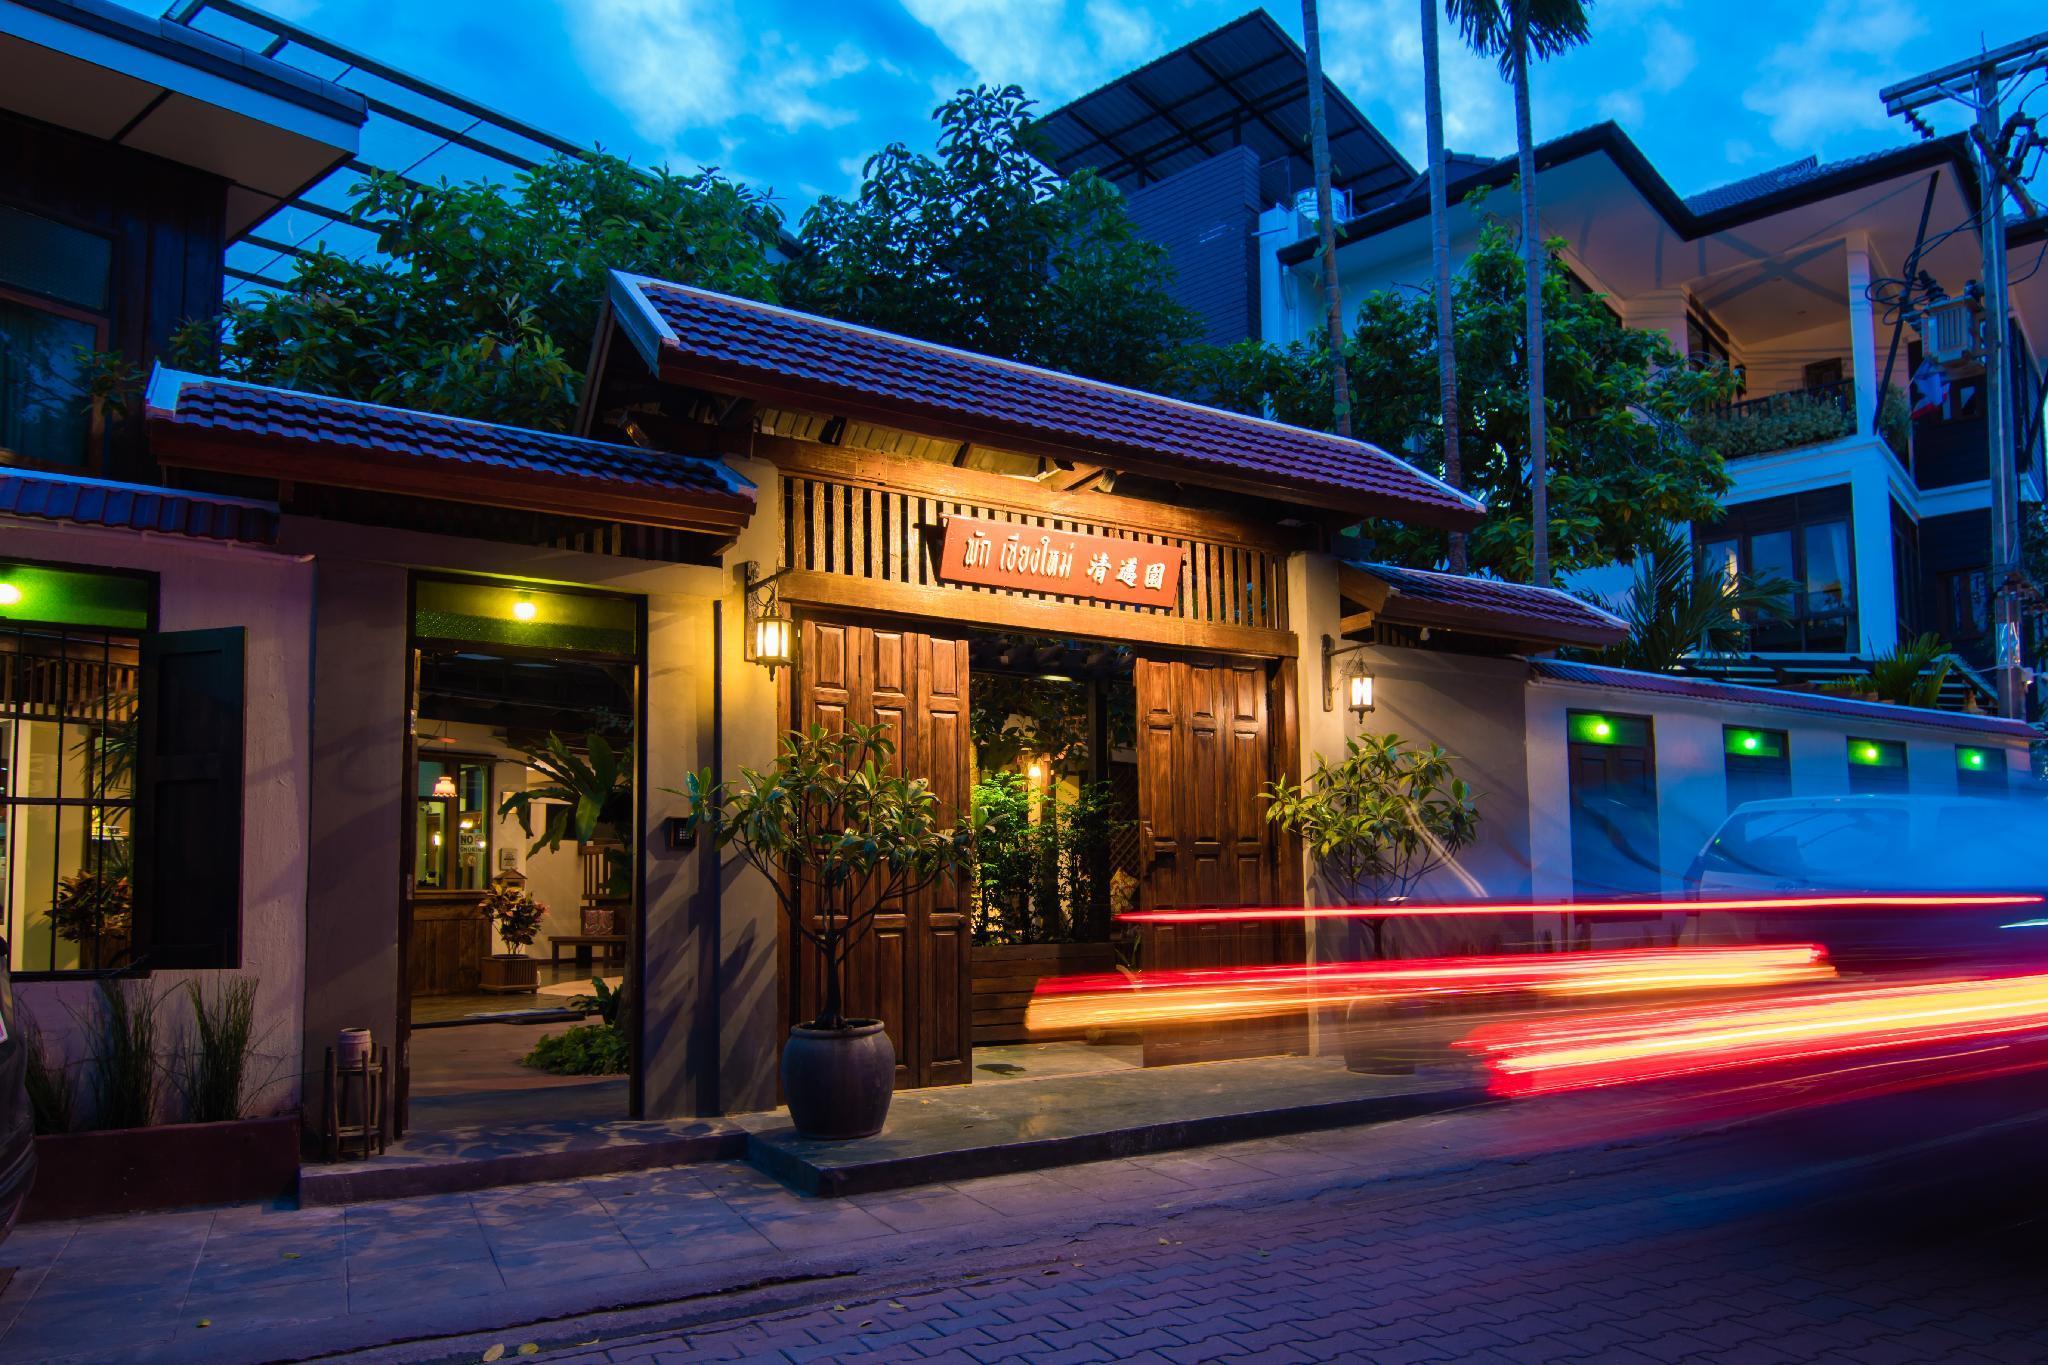 ดูกันชัดๆ พักเชียงใหม่ เกสต์เฮาส์ (Pak Chiang Mai Guesthouse) ลดกระหน่ำ